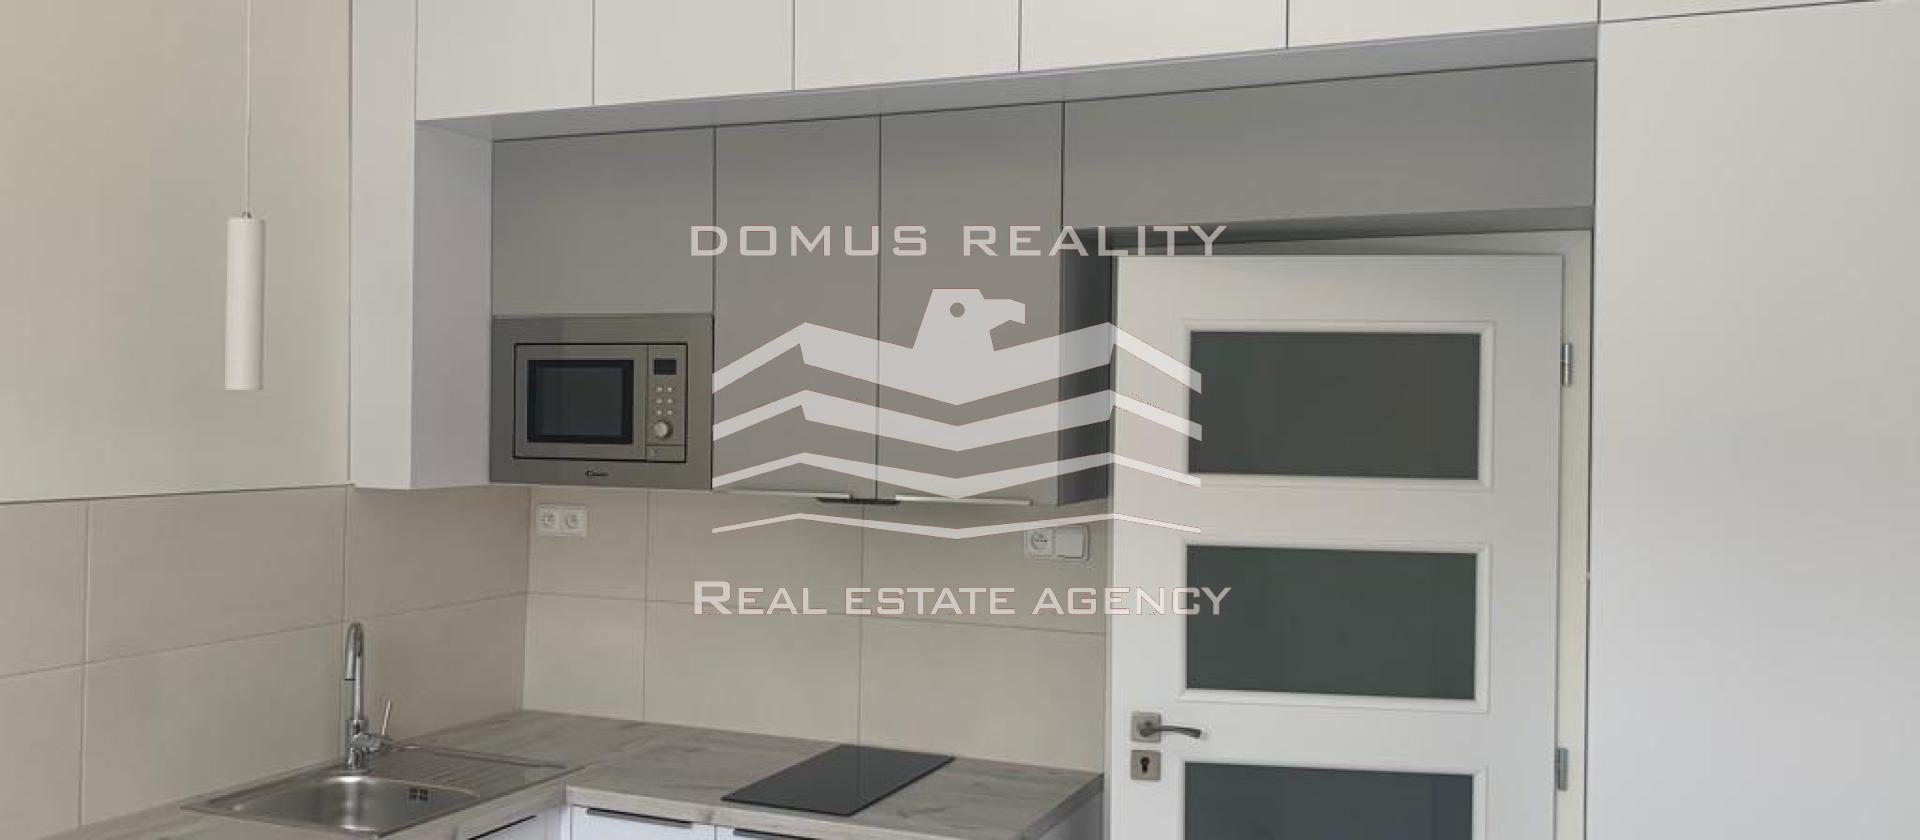 Nabízíme k pronájmu byt 1+kk, podlahová plocha bytu 21 m2, v cihlovém domě na Praze 3